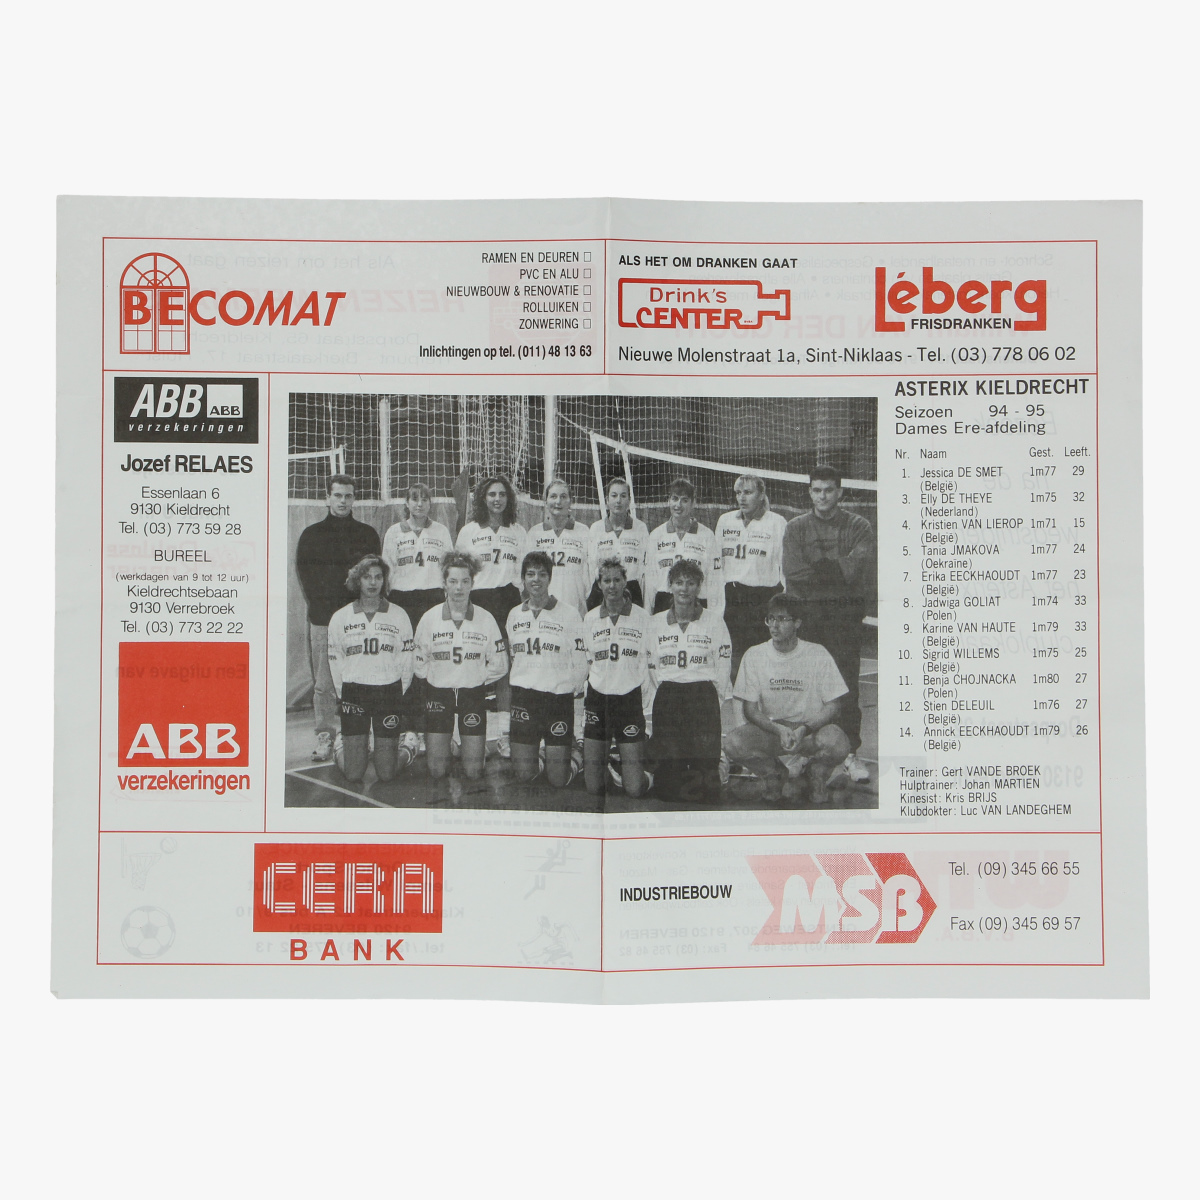 Afbeeldingen van volleybaley ASTRIX _ DATOVOC 1/4/95